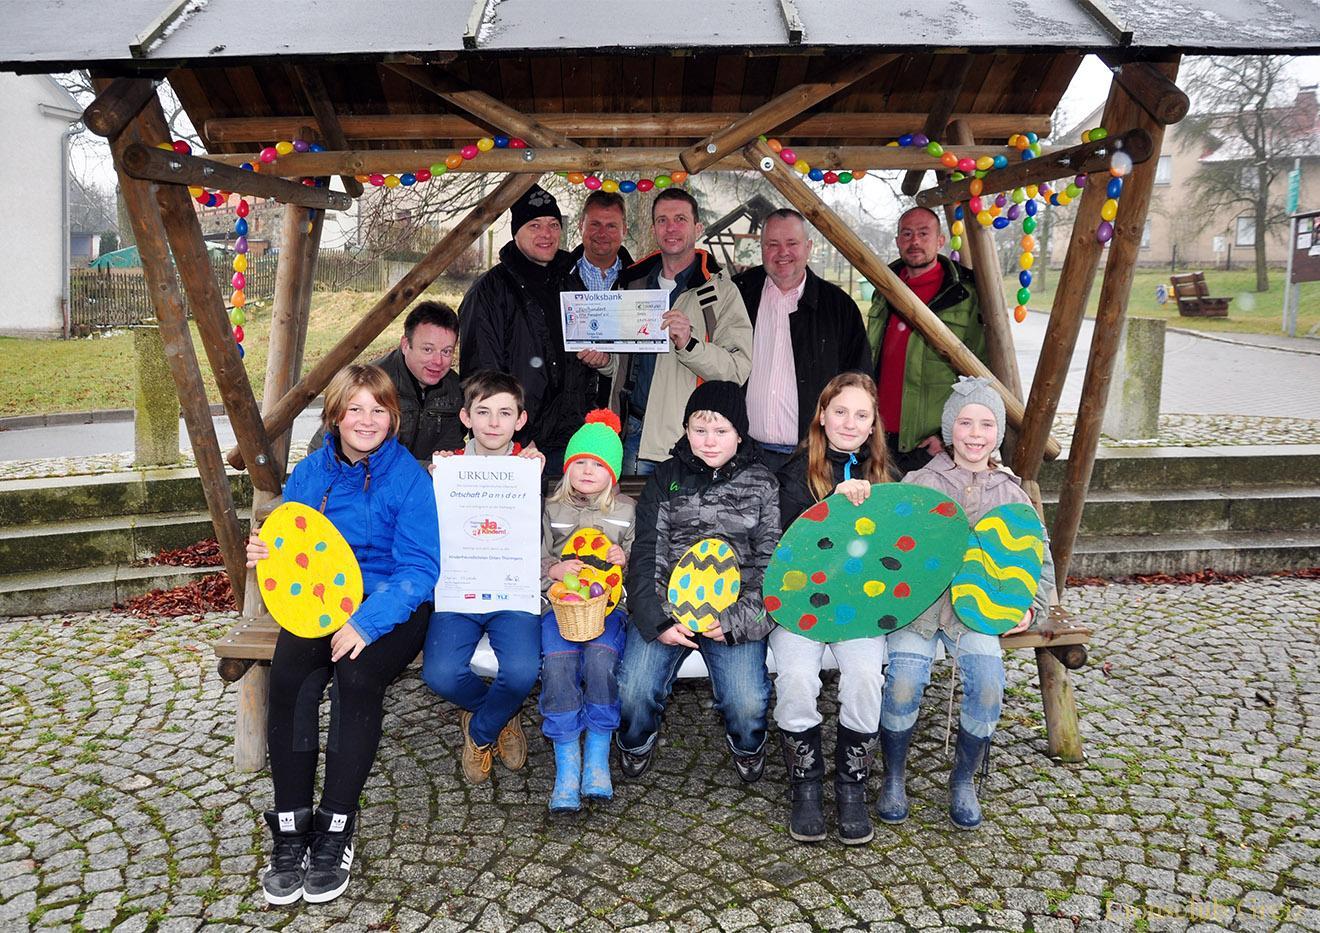 Lions Club Greiz unterstützt Jugendarbeit des Pansdorfer Feuerwehrvereins